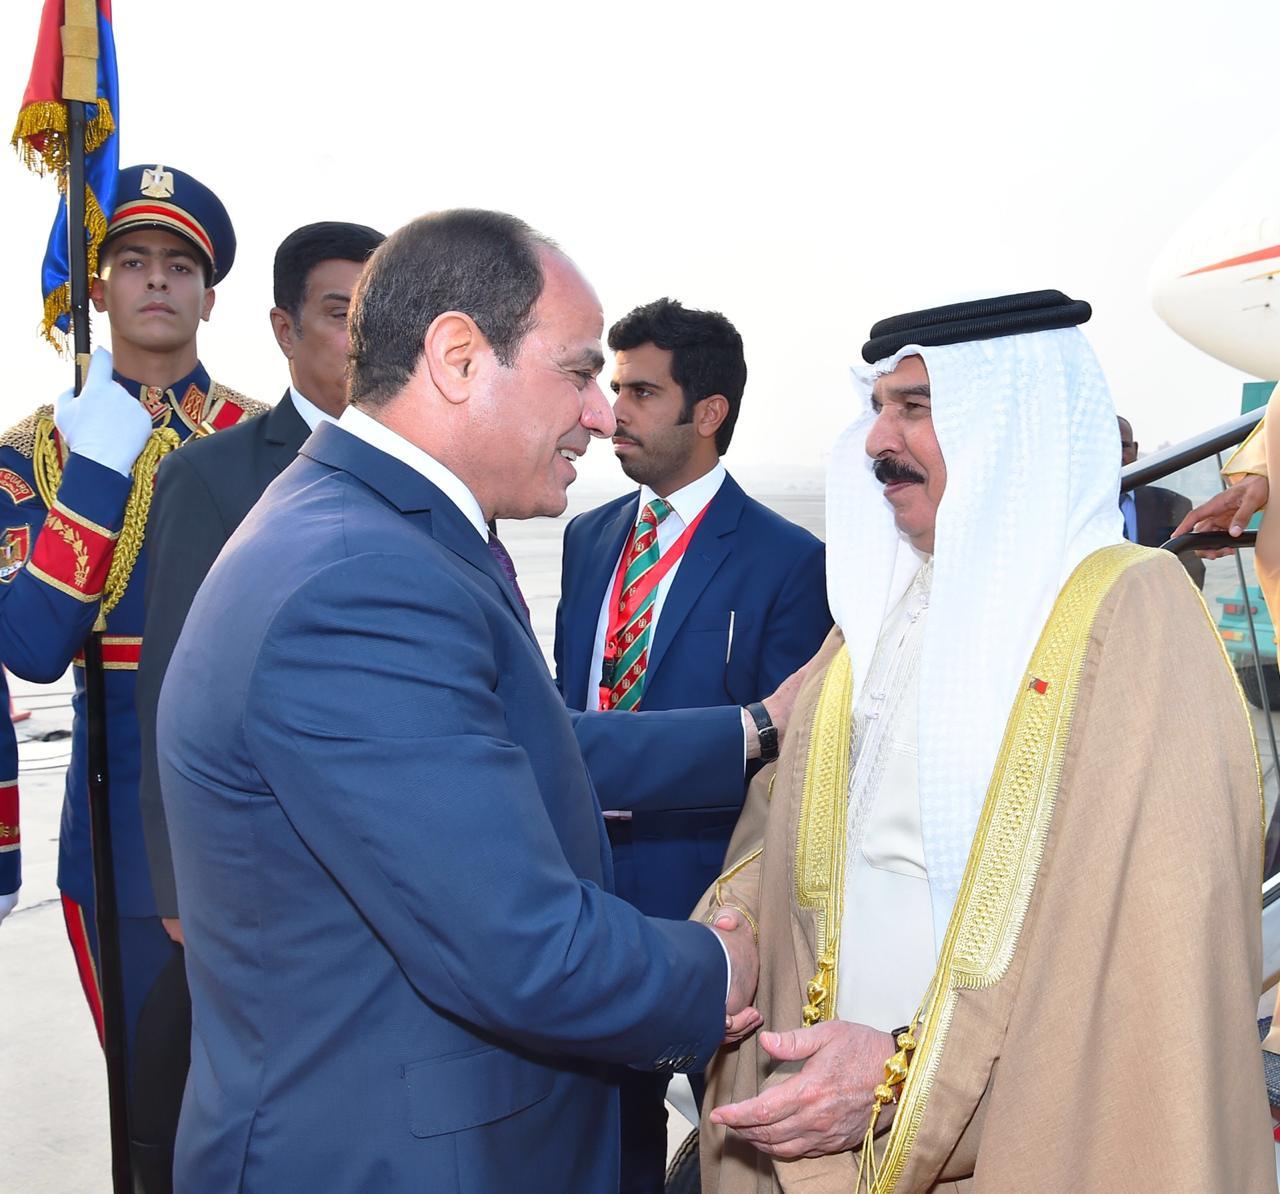 عبد الفتاح السيسي و الملك حمد بن عيسى آل خليفة ملك مملكة البحرين (9)